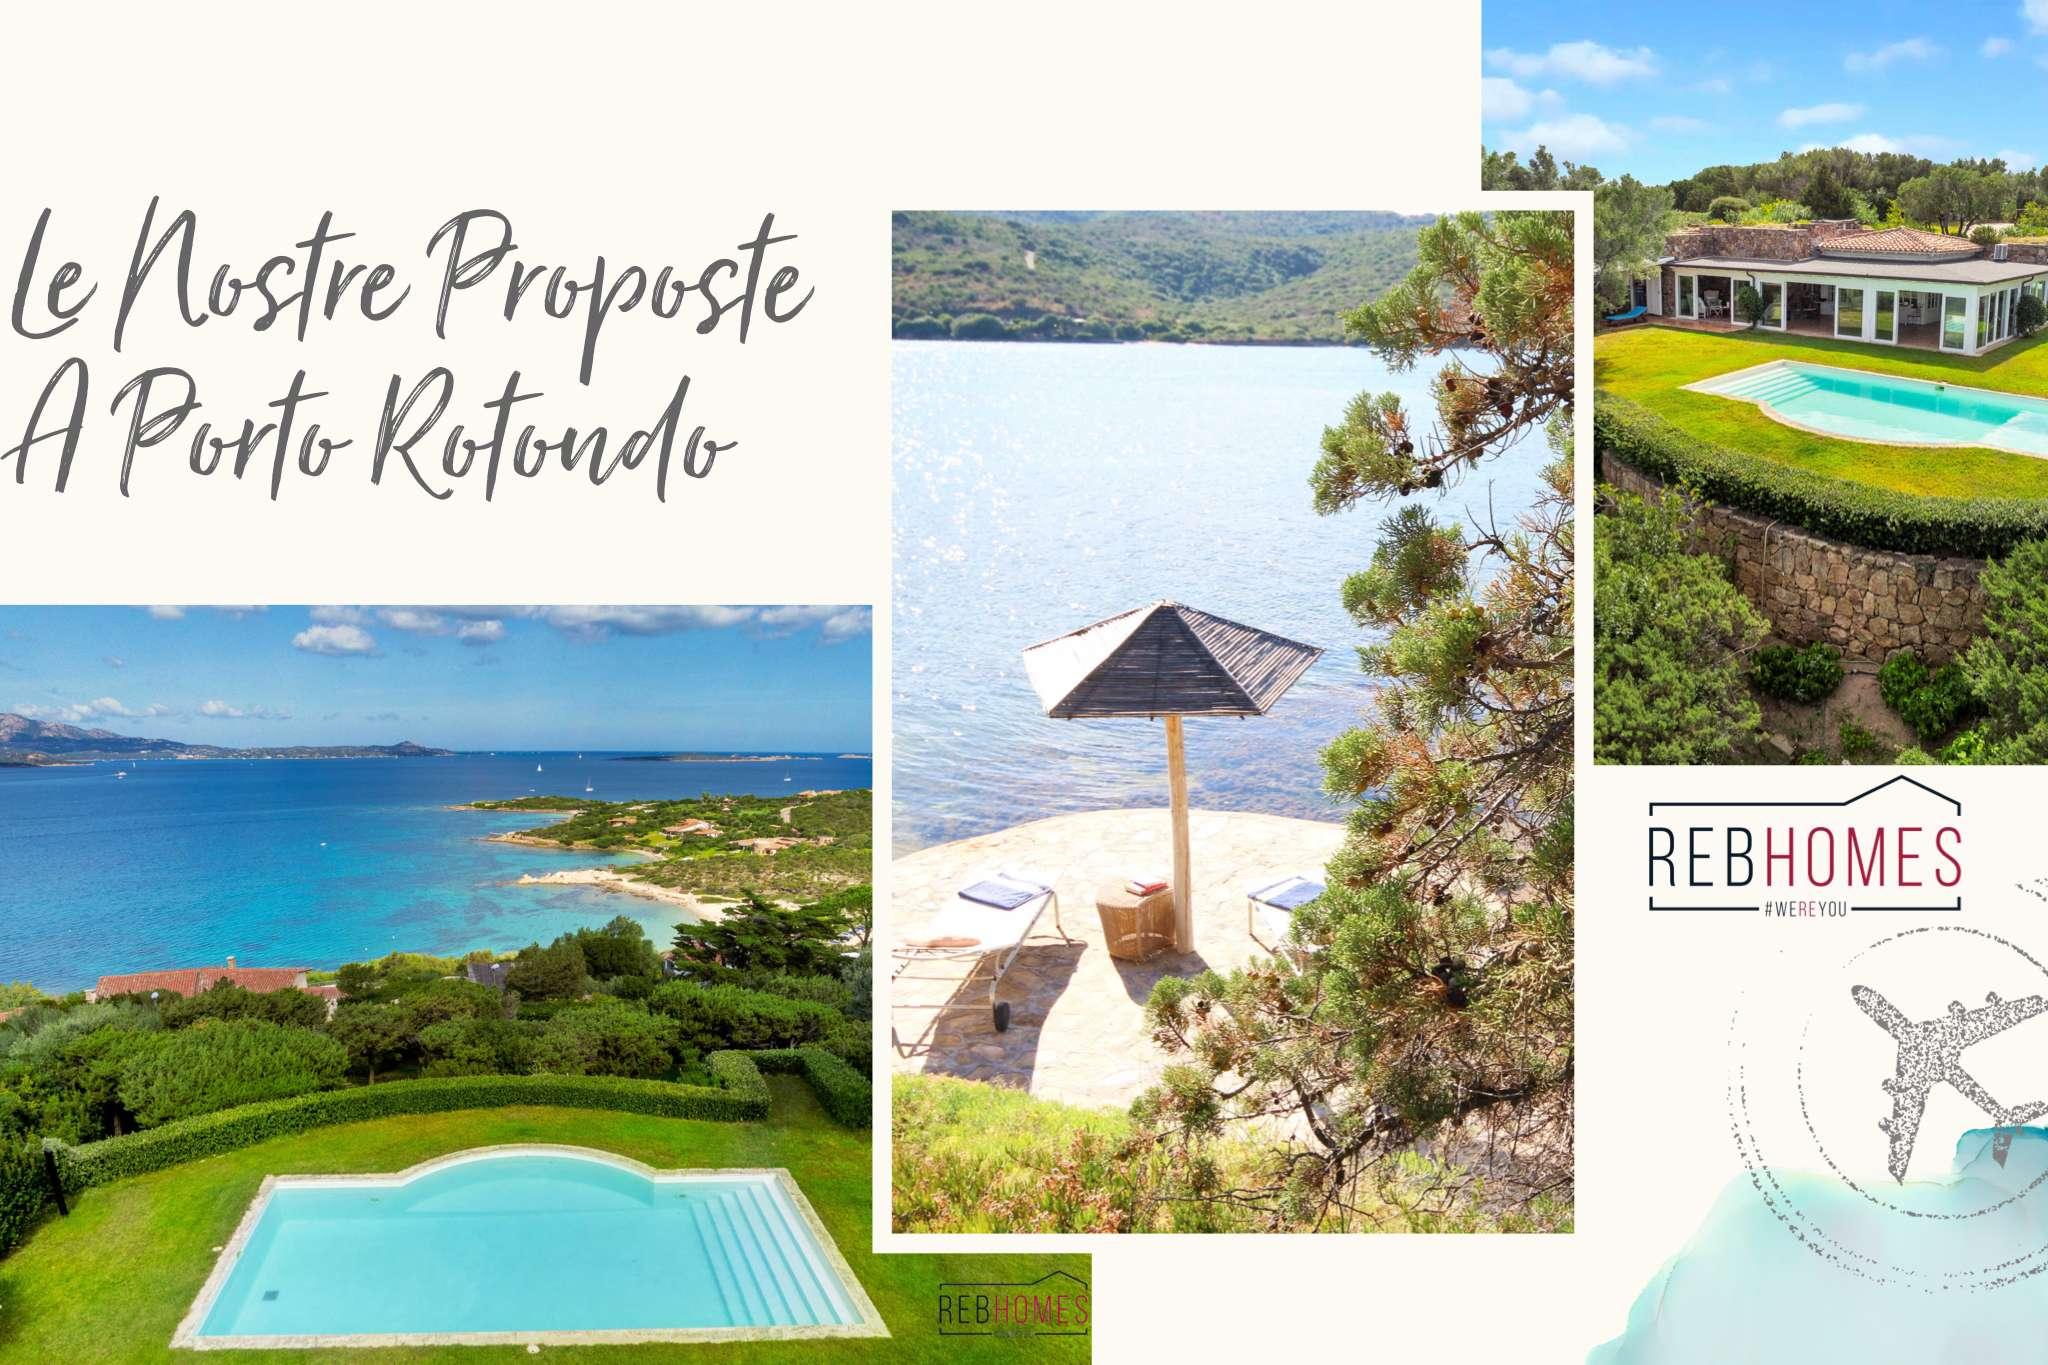 Le nostre proposte immobiliari a Porto Rotondo